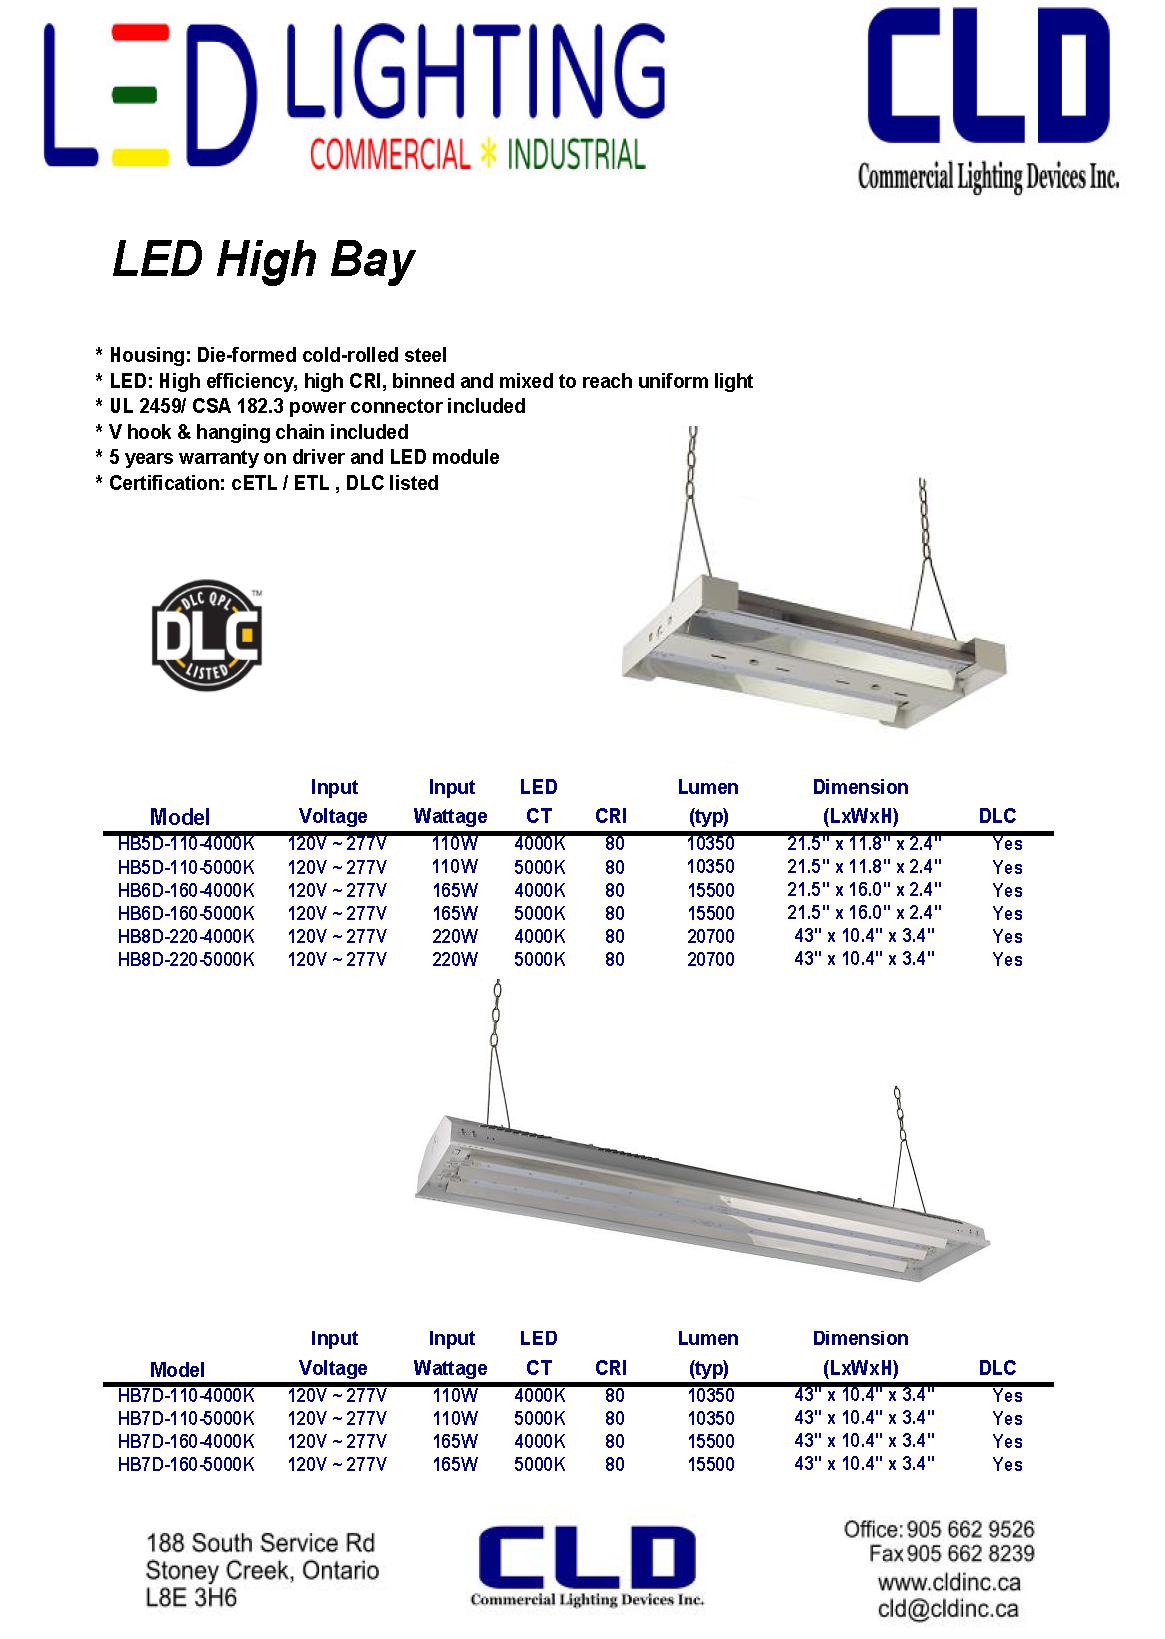 LED-HB5D